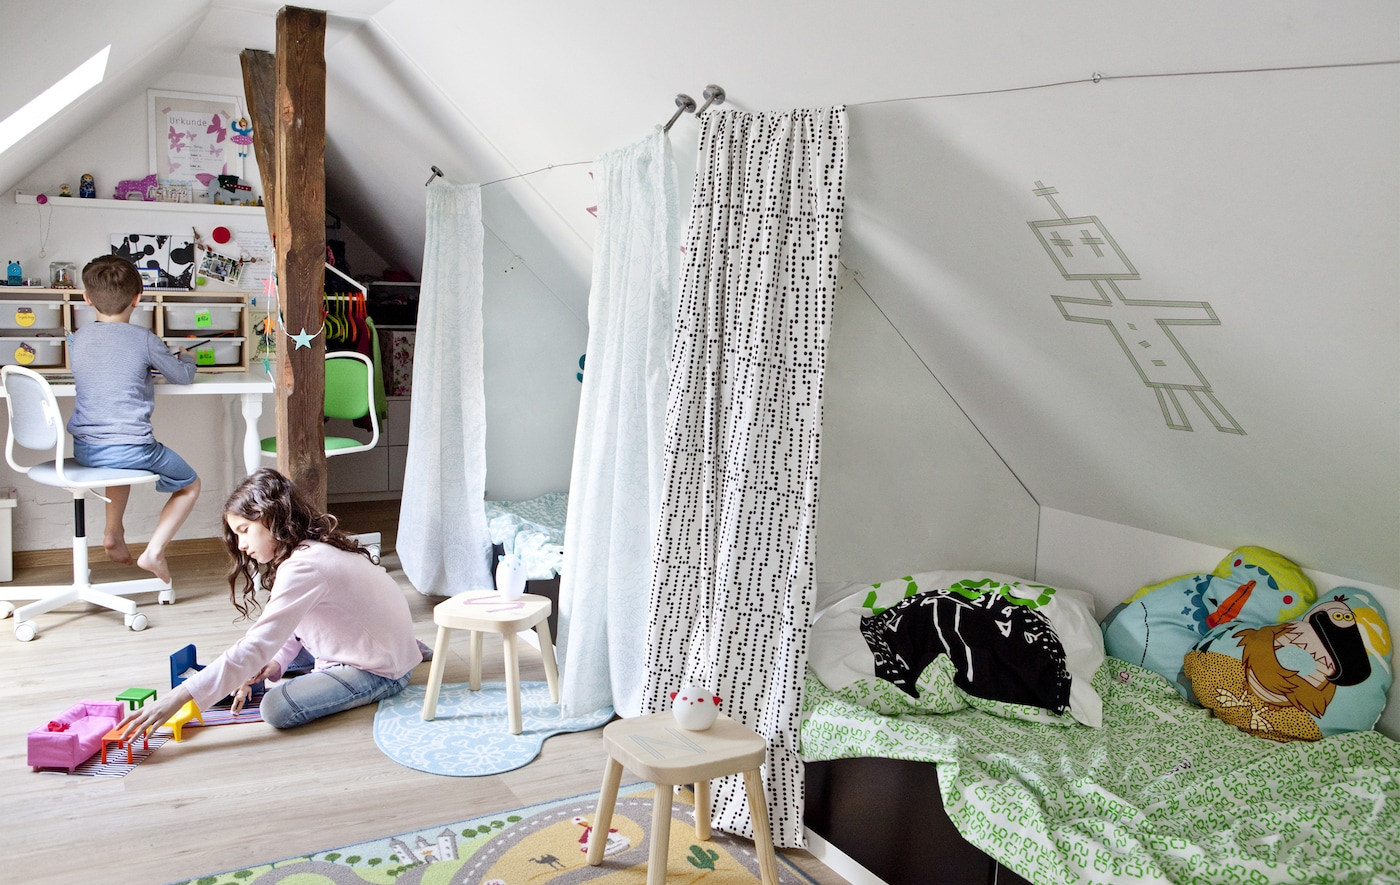 Verrassend Zo geef je elk kind een eigen plekje in een gedeelde kamer - IKEA ZI-18